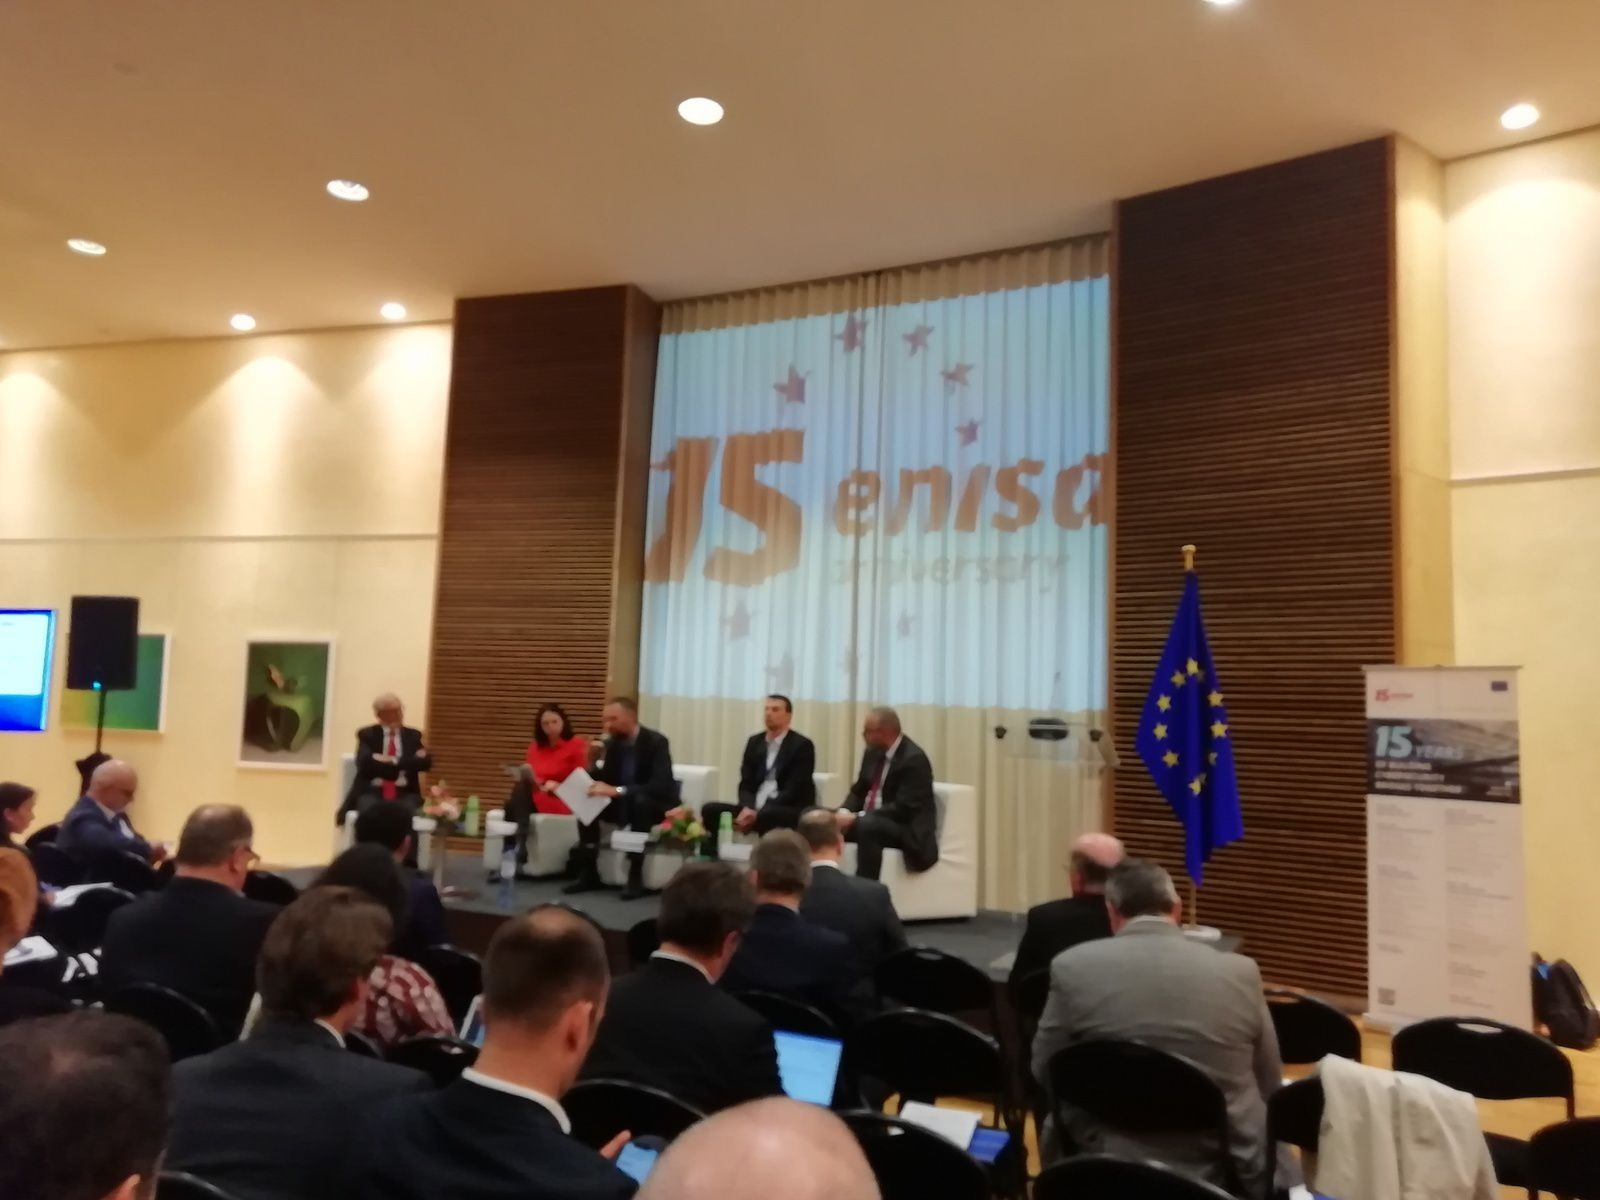 15 ANS DE L'ENISA (Agence européenne numérique et cyber)